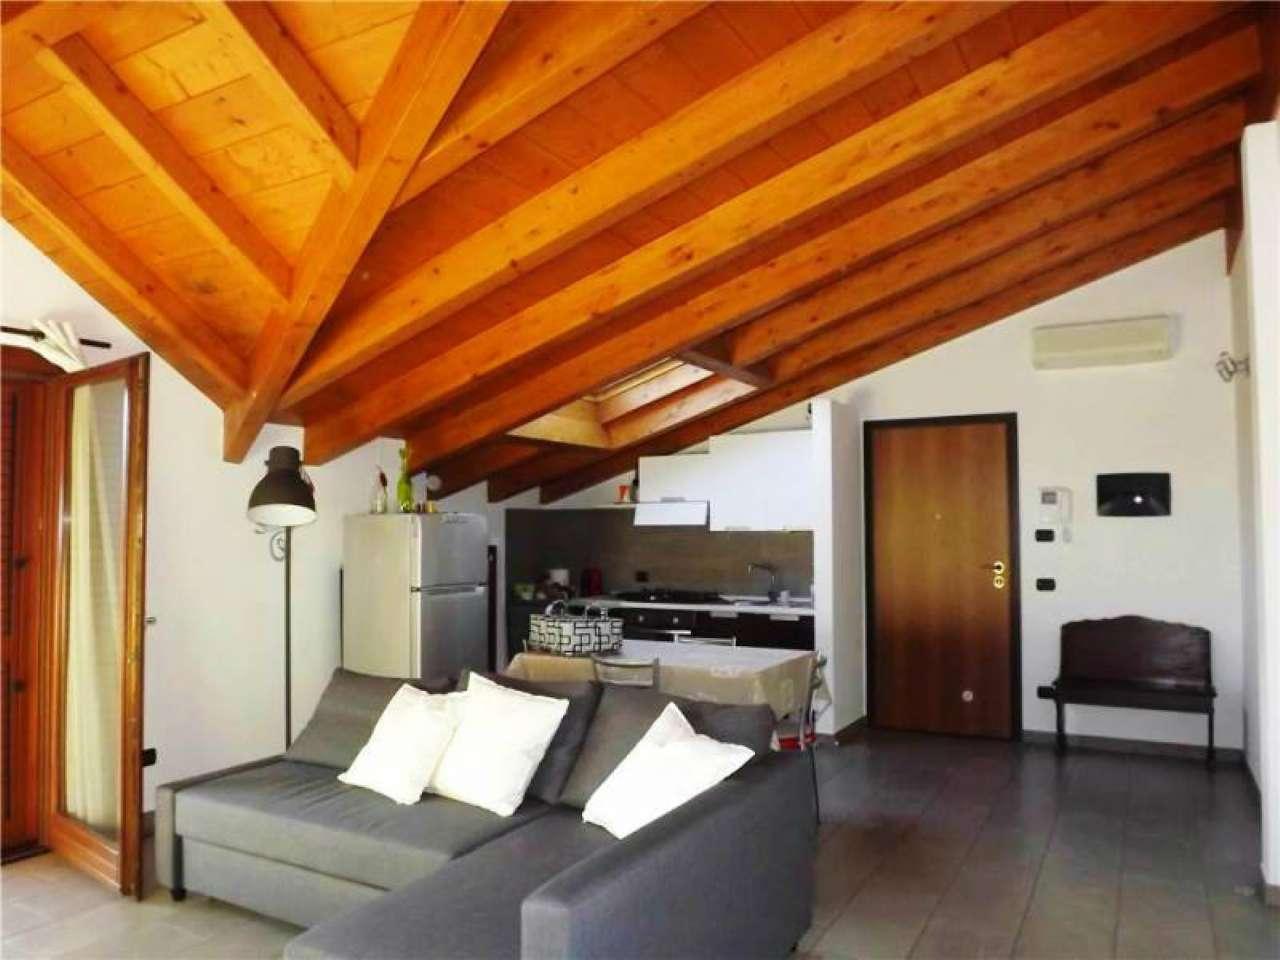 Appartamento in vendita a Sesto Calende, 3 locali, prezzo € 143.000 | Cambio Casa.it